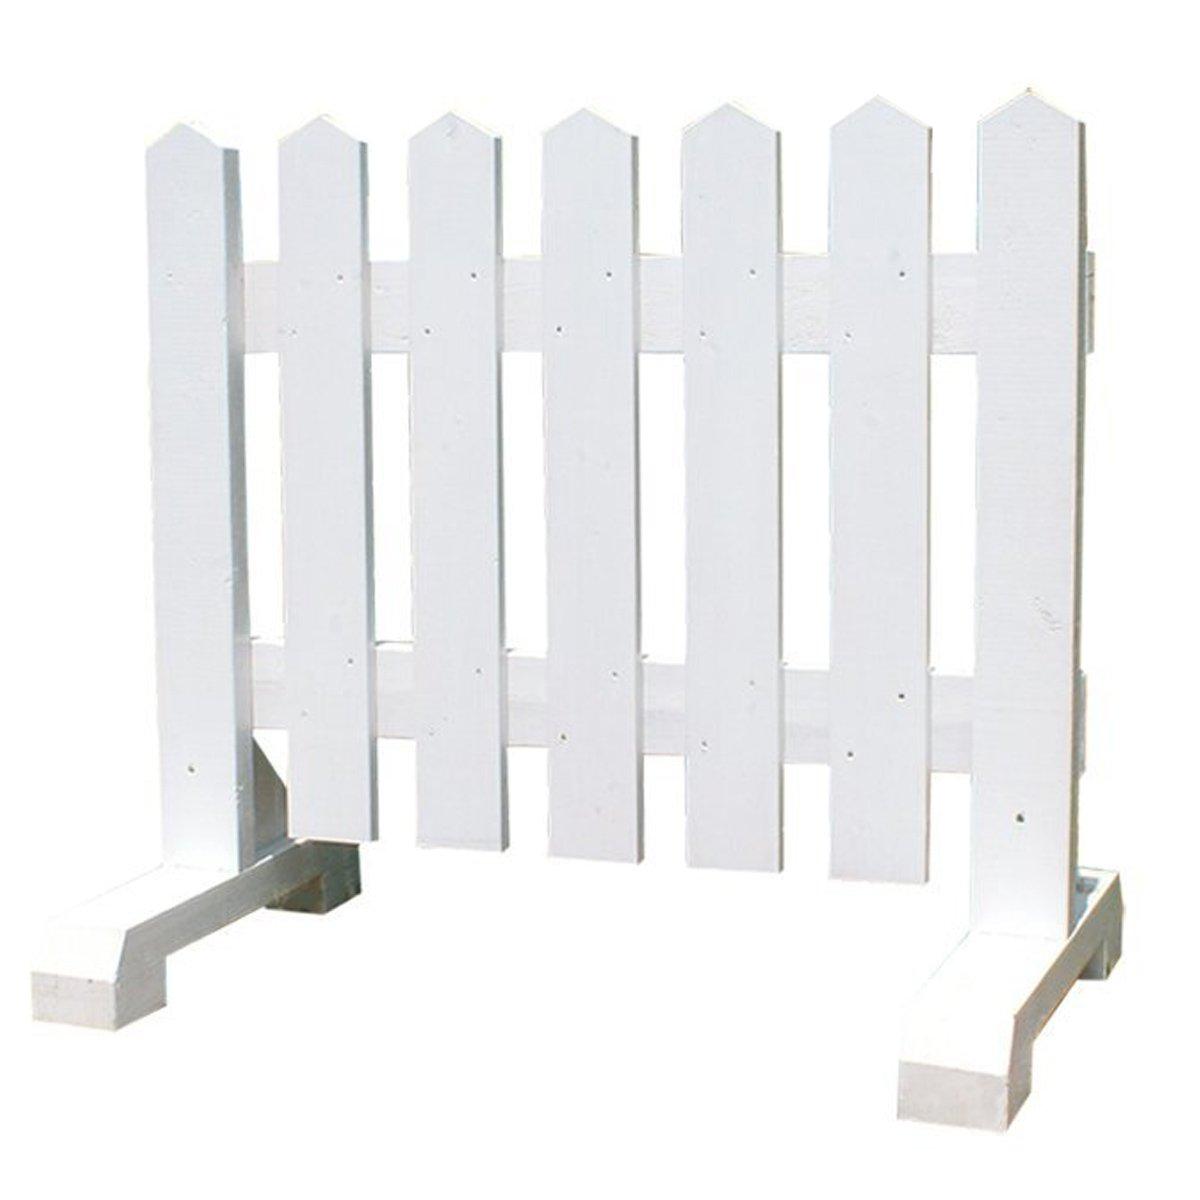 木製 ピケットフェンス -ホワイト- 【受注製作品】 (幅150cm) 犬 目隠し 屋外 飛び出し防止 柵 ガード さく 木製フェンス B01193I4SG 17060 幅150cm  幅150cm